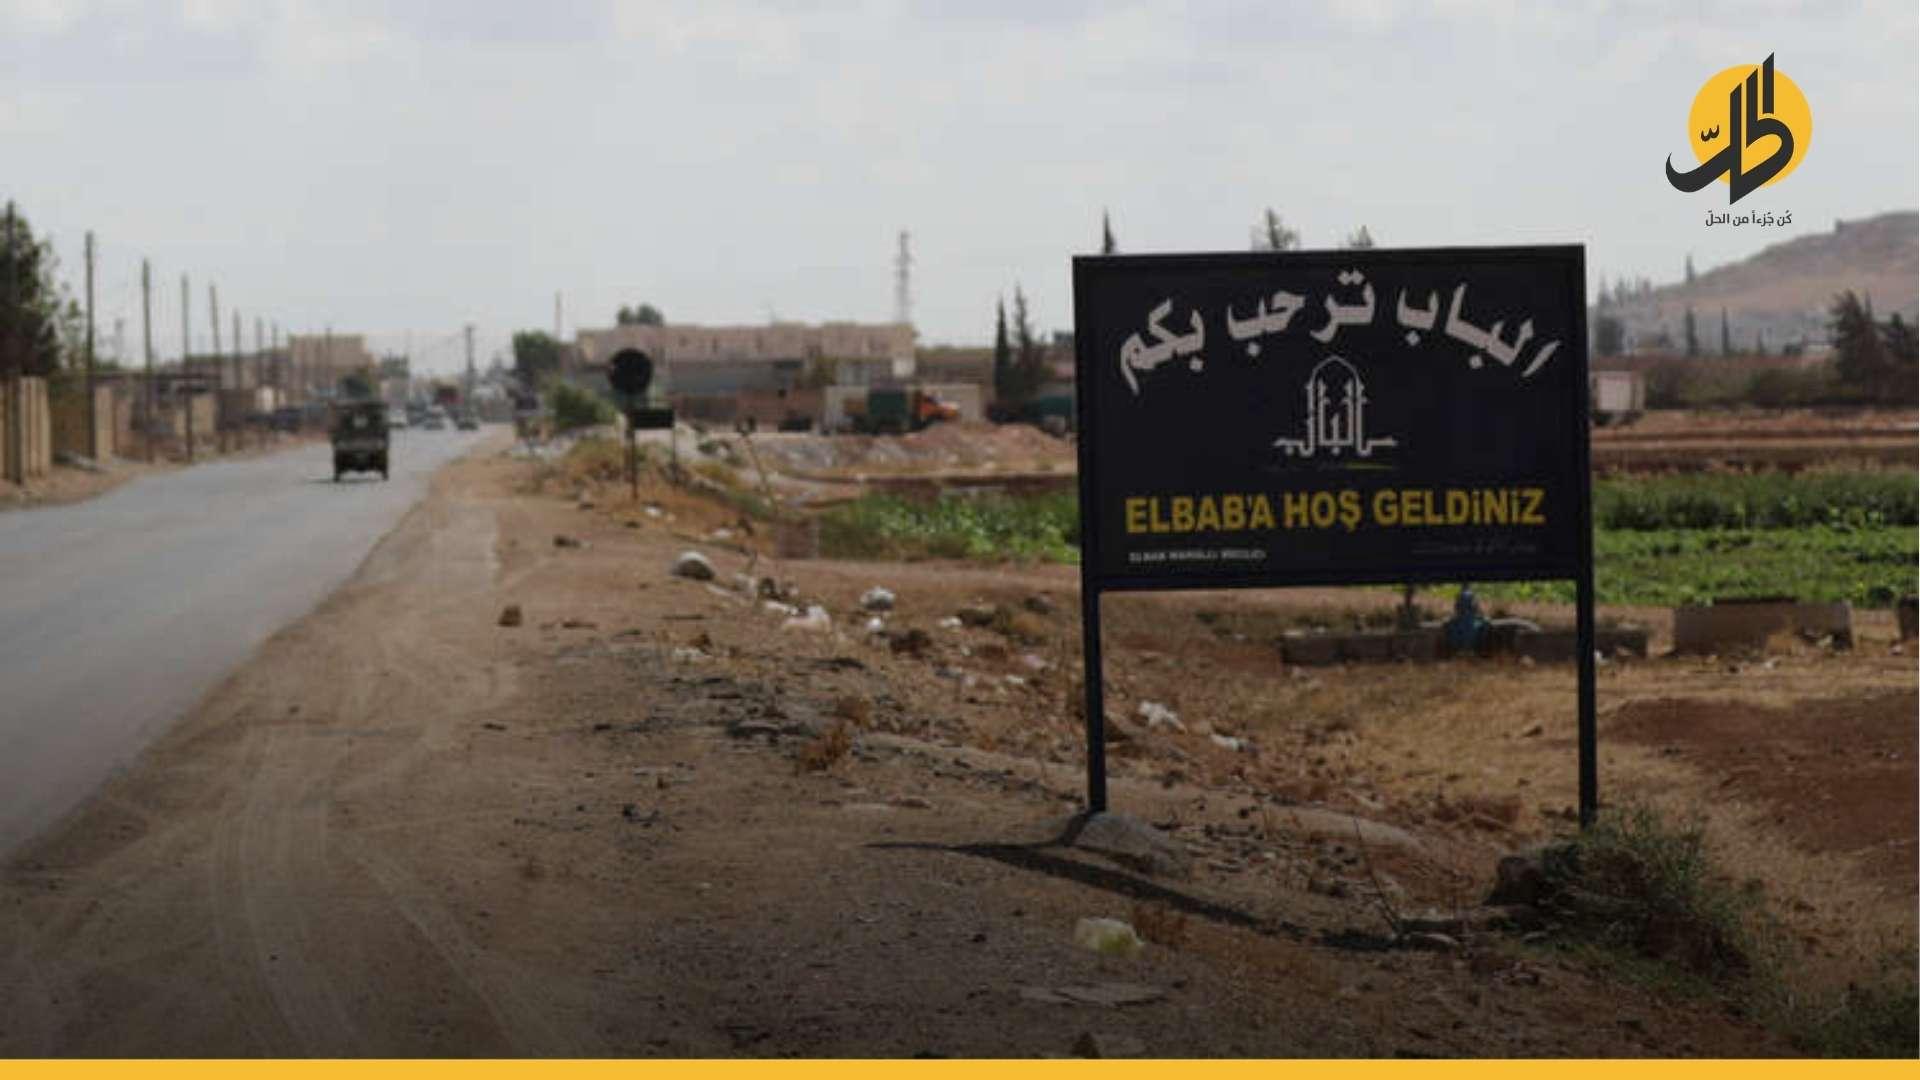 """خلال 24 ساعة.. عمليتا اغتيال تطال عناصر من «الشرطة الوطنية» في مدينة """"الباب"""" شرقي حلب"""